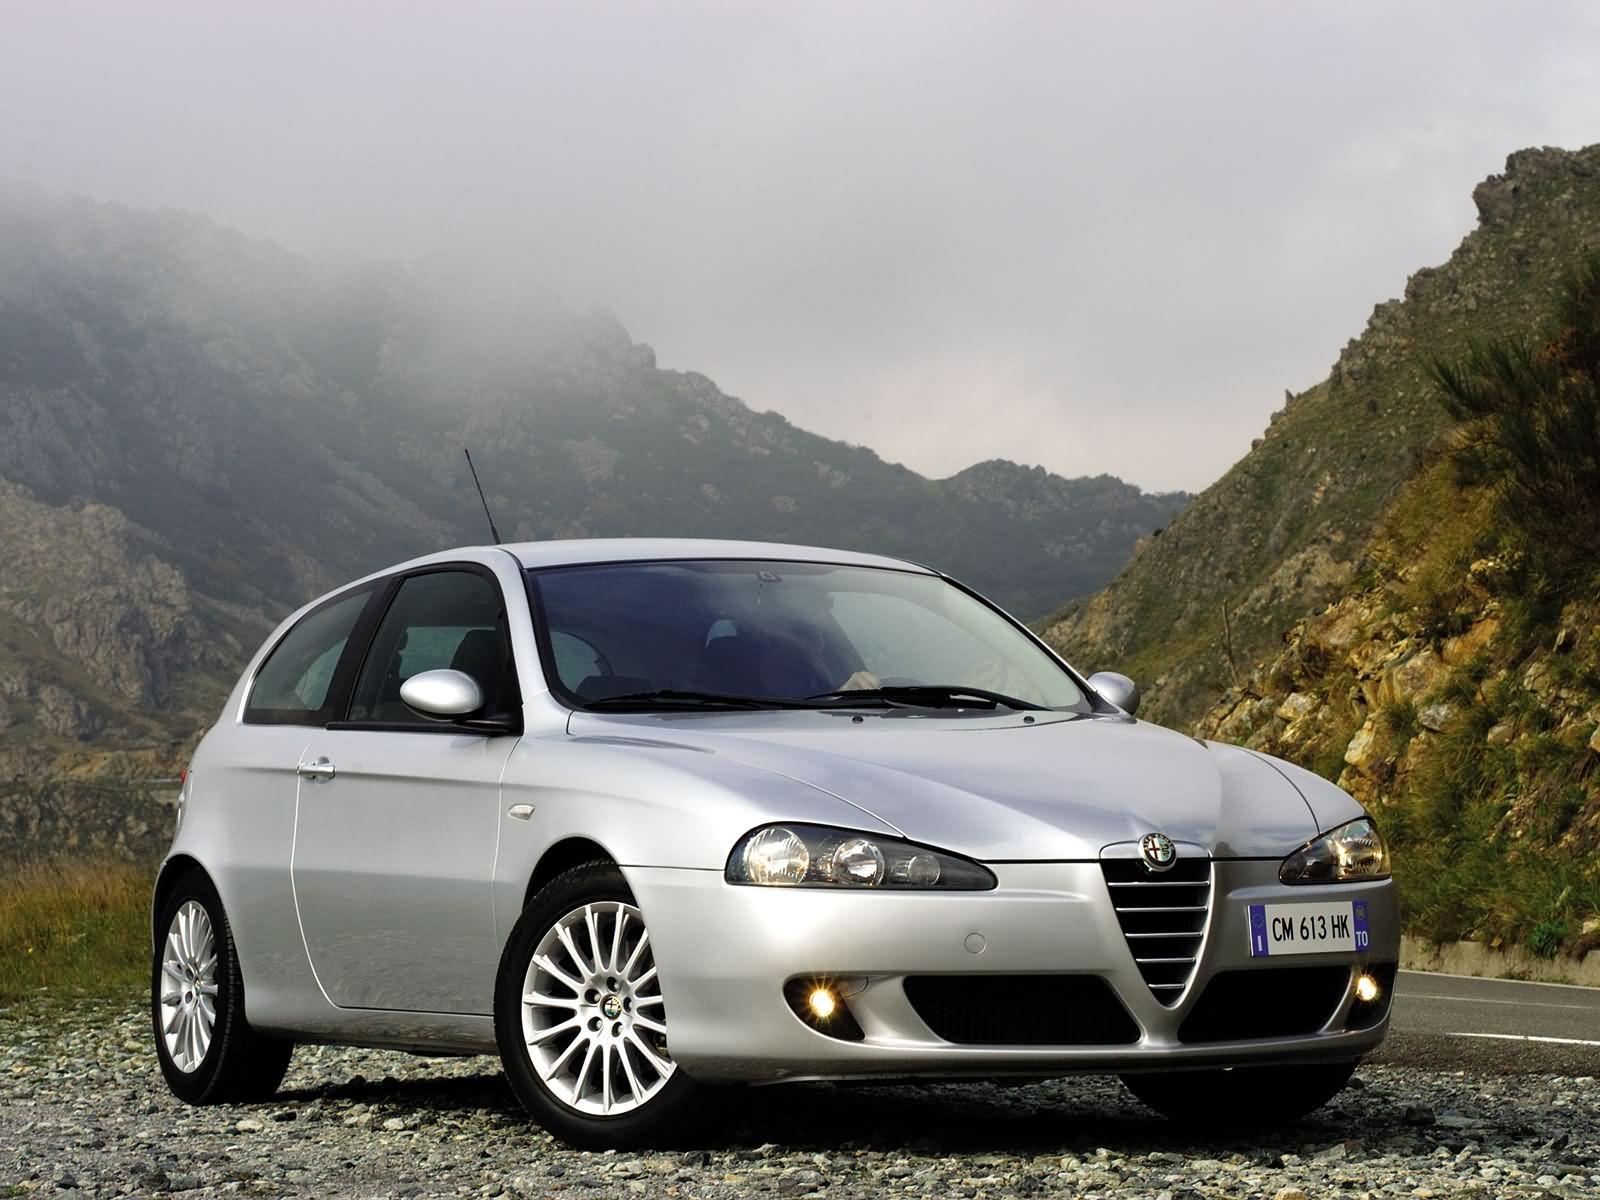 2009 Alfa Romeo 147 3 Doors